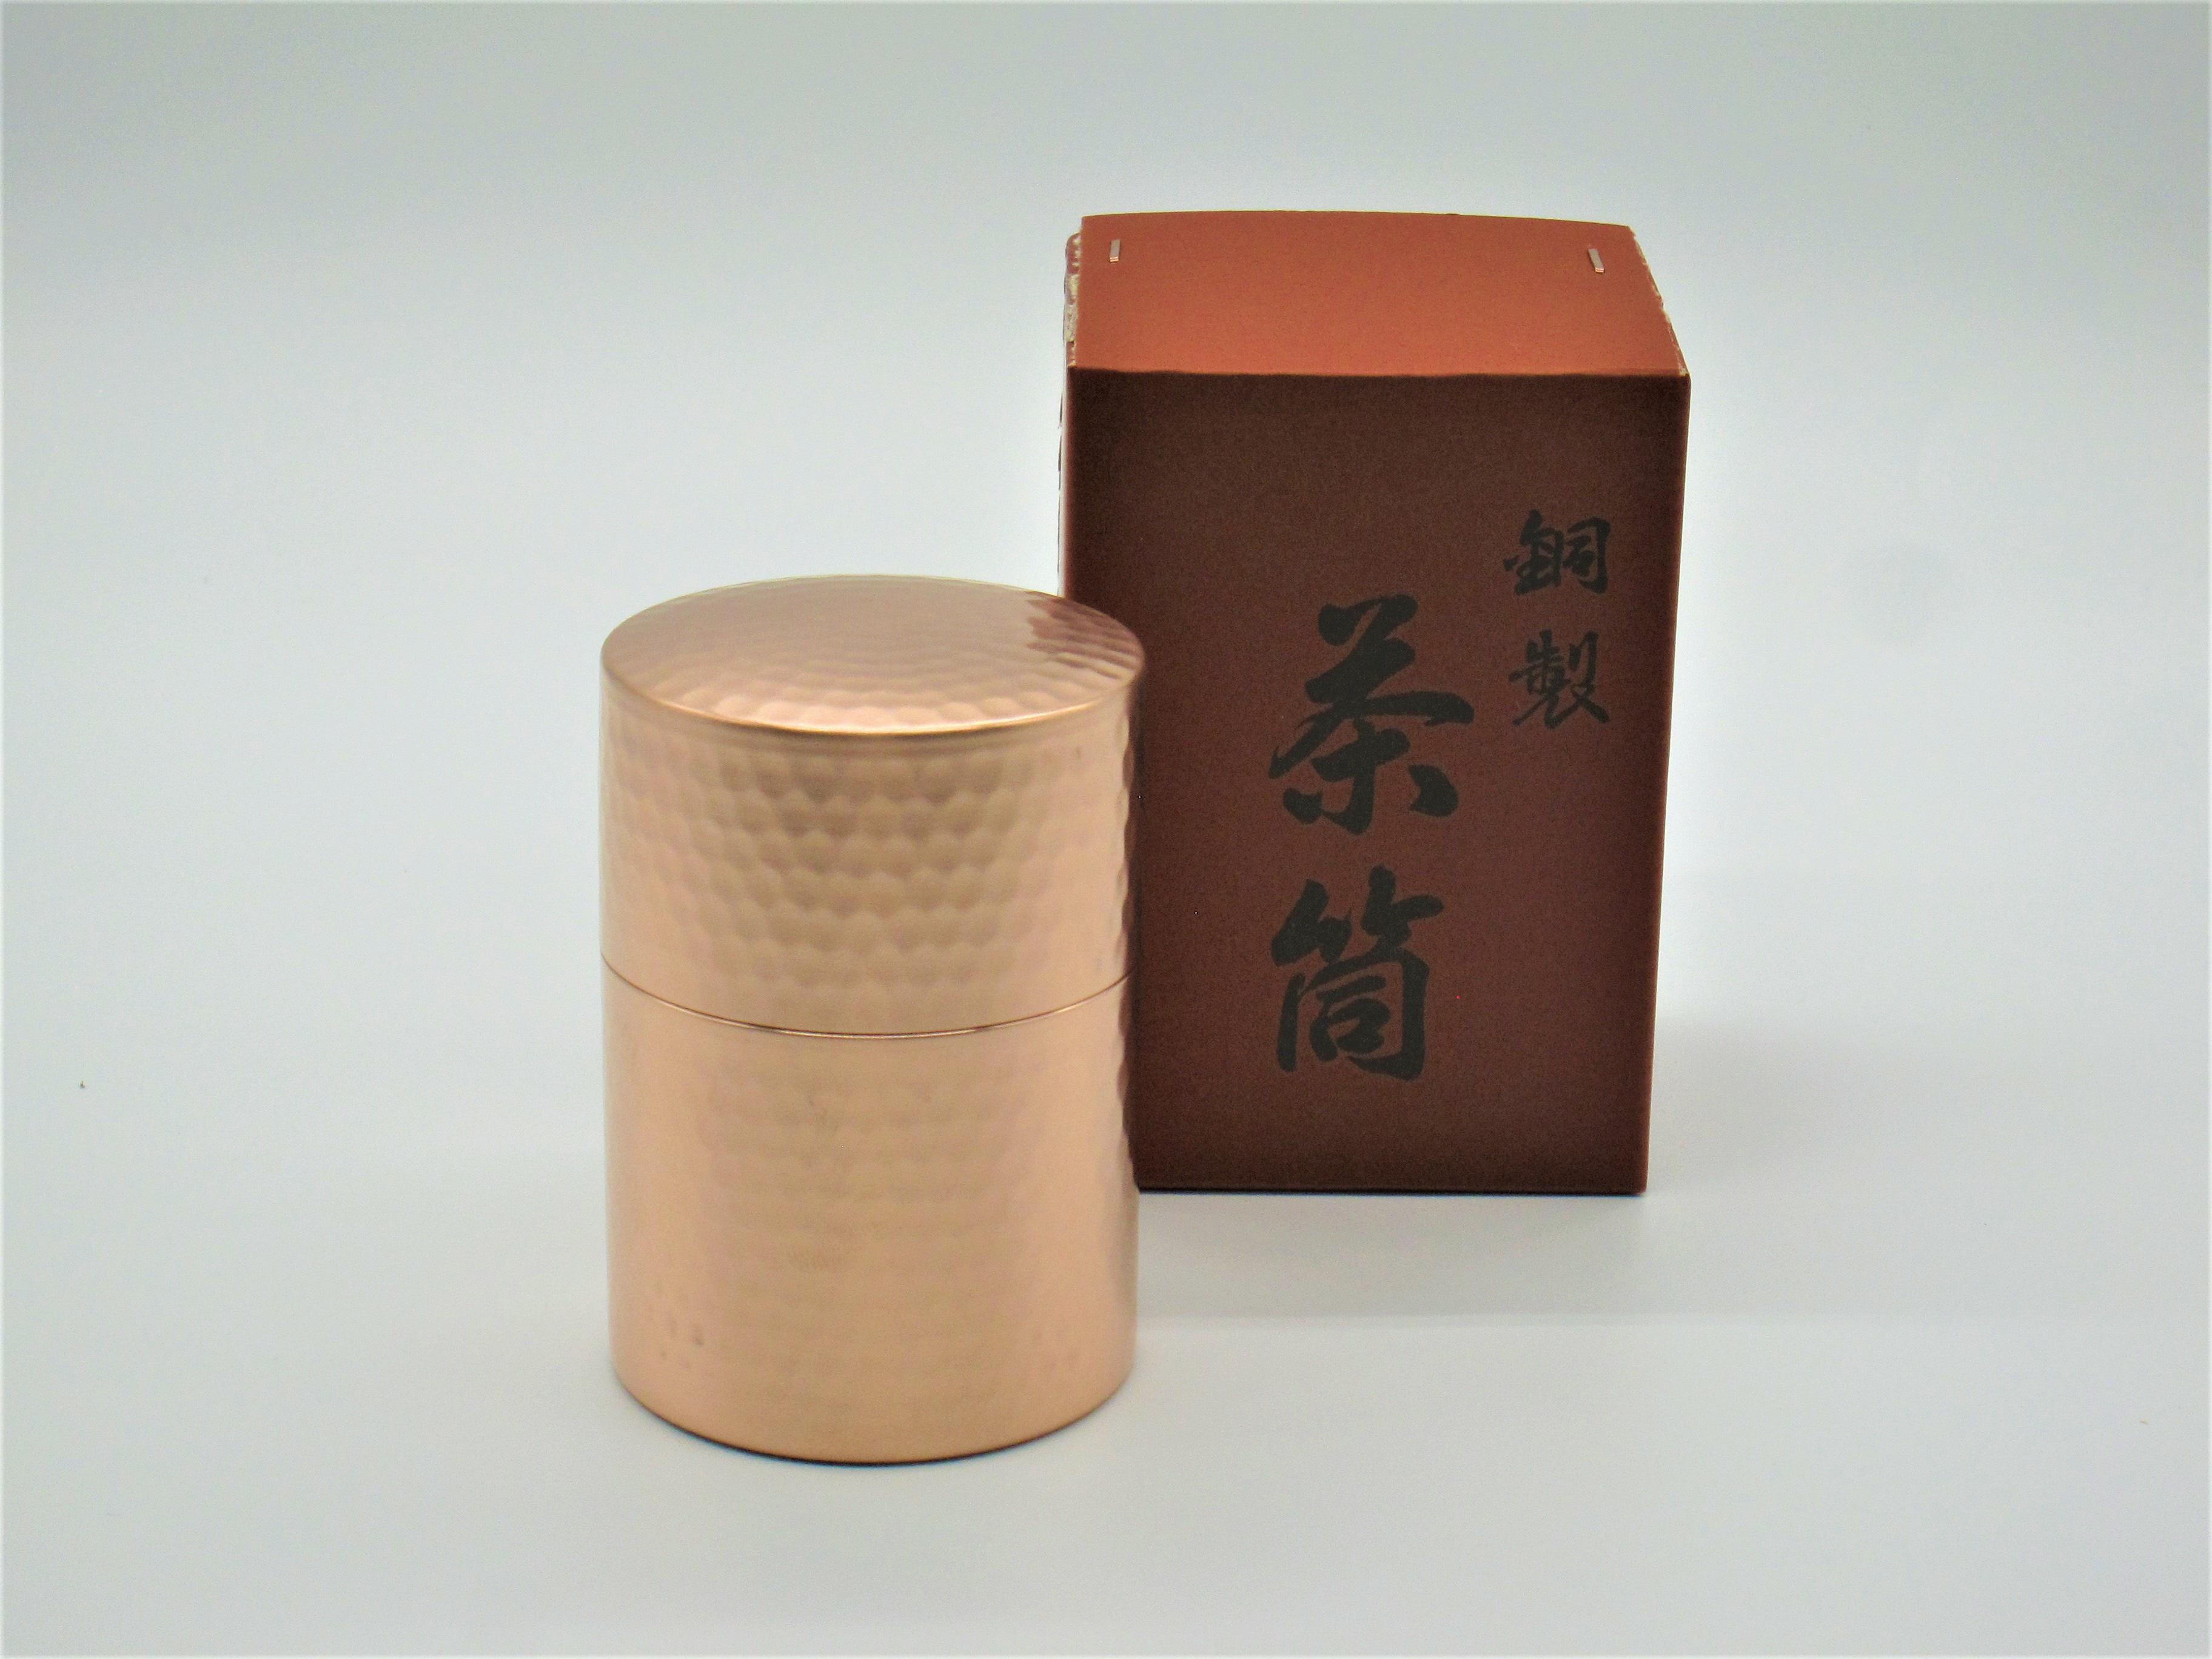 銅製 茶筒150g入(生地色仕上) CS010007